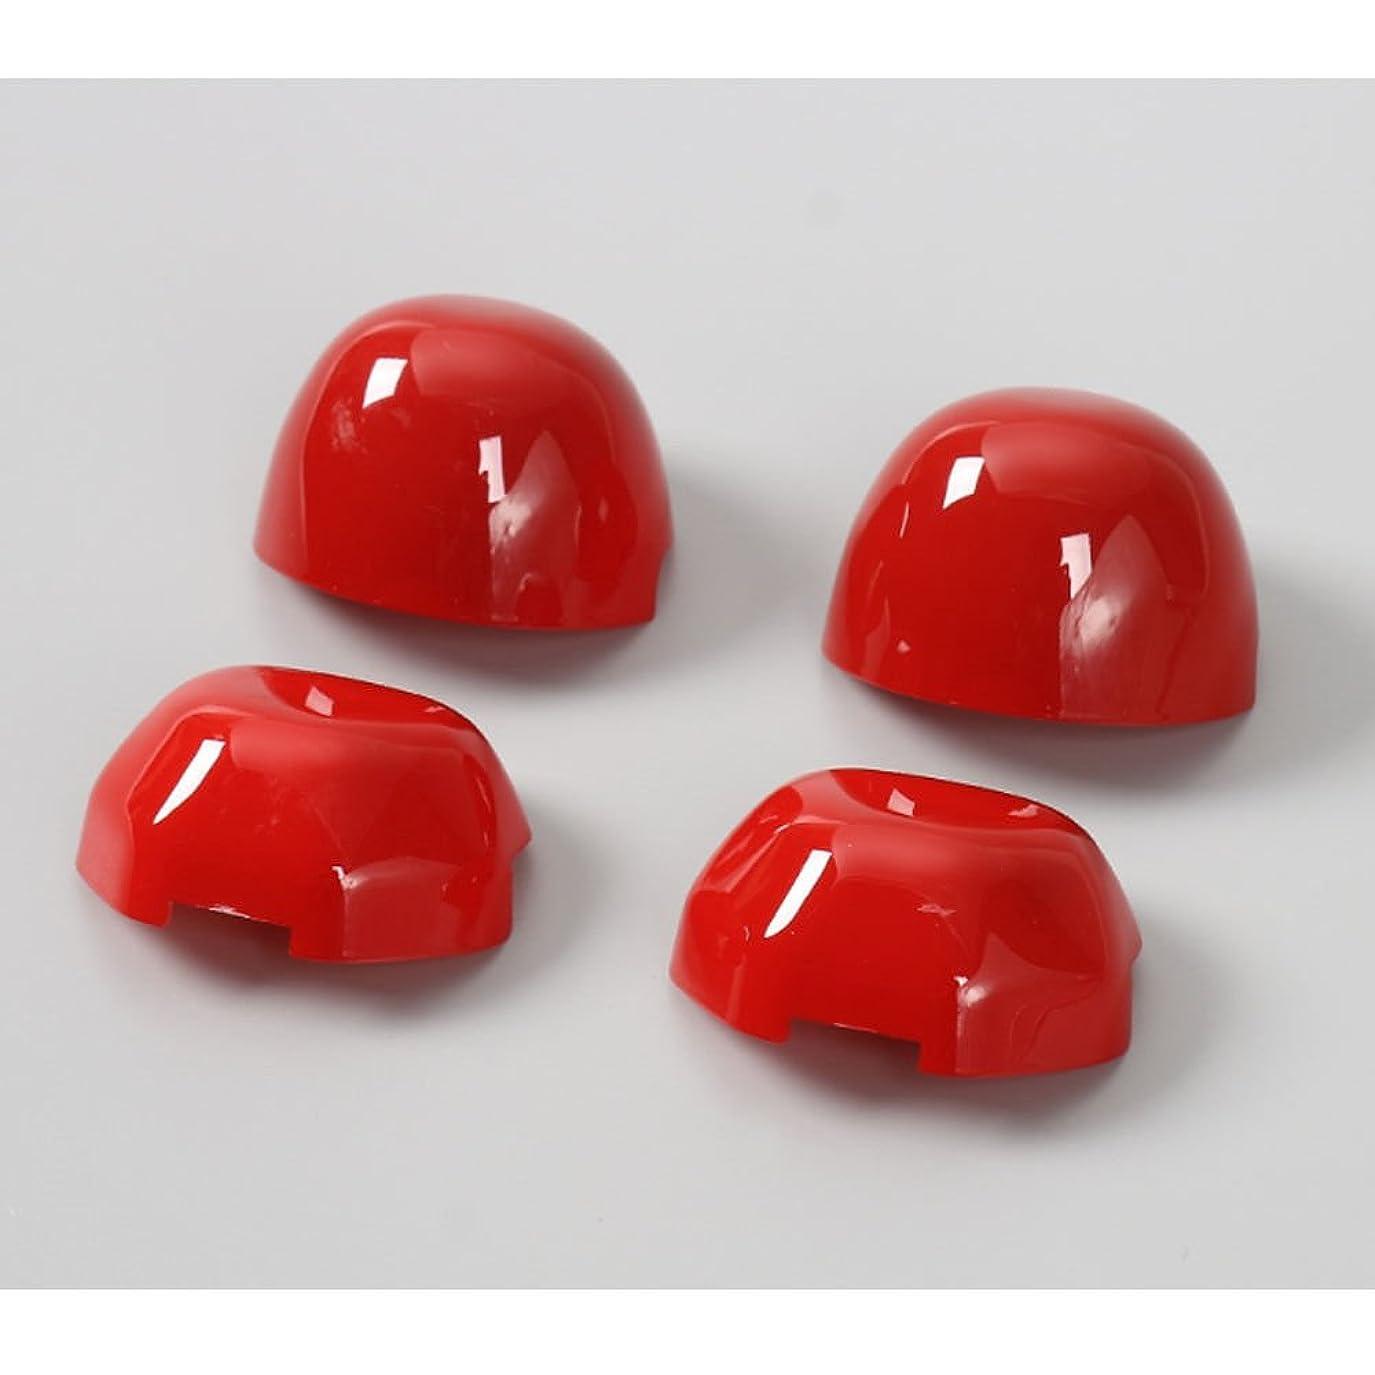 ケーブル反対キャンドルJicorzo - Car-Styling Seat Safety Belt Cap Cover Lid Trim Interior Chrome ABS Stickers Decor Car Accessories For Suzuki Jimny 2007-2015 [Red]